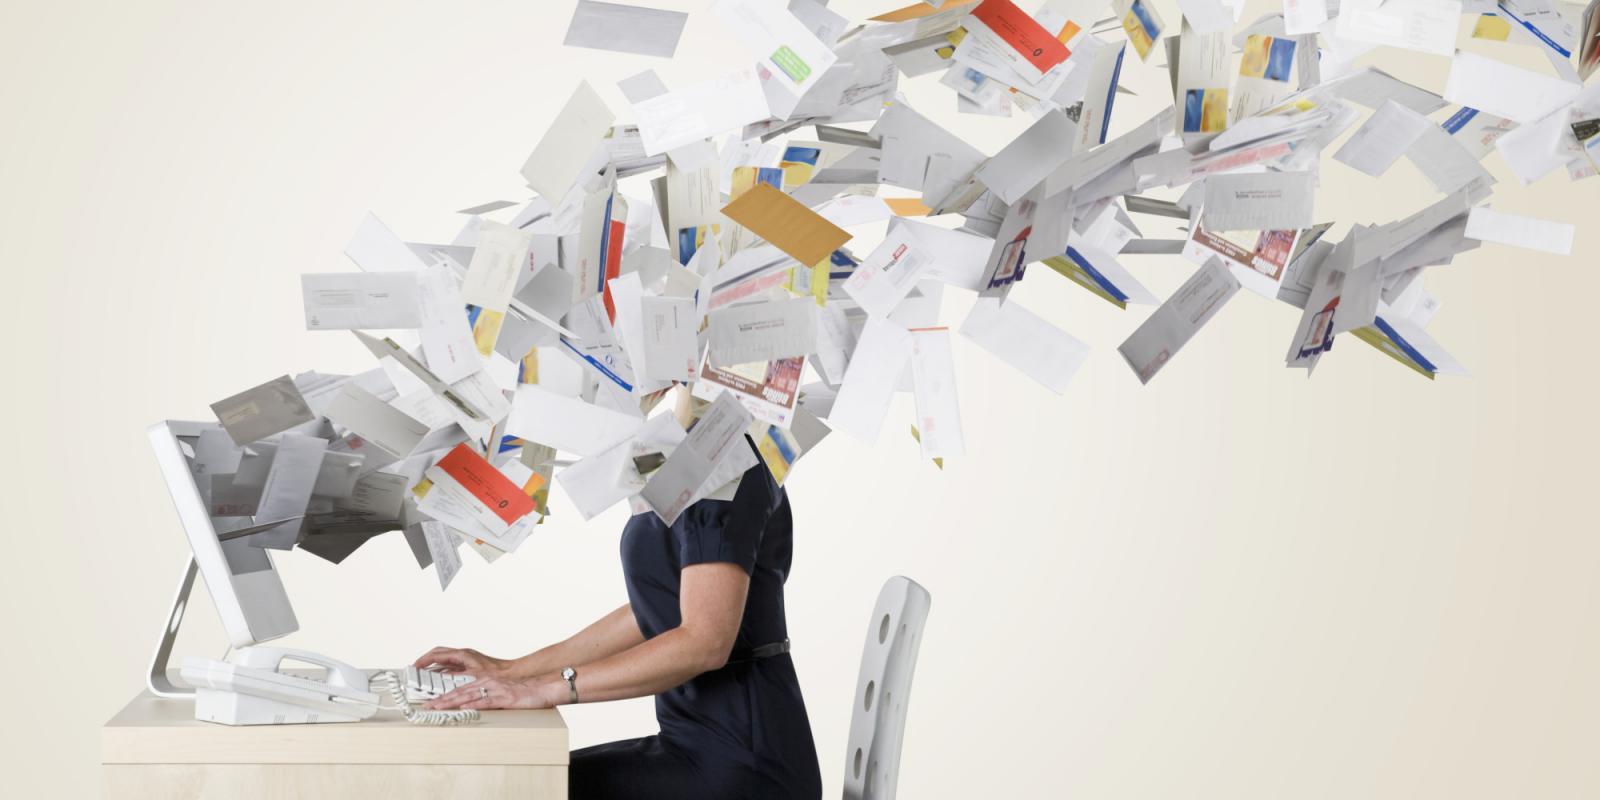 excesso de e-mail